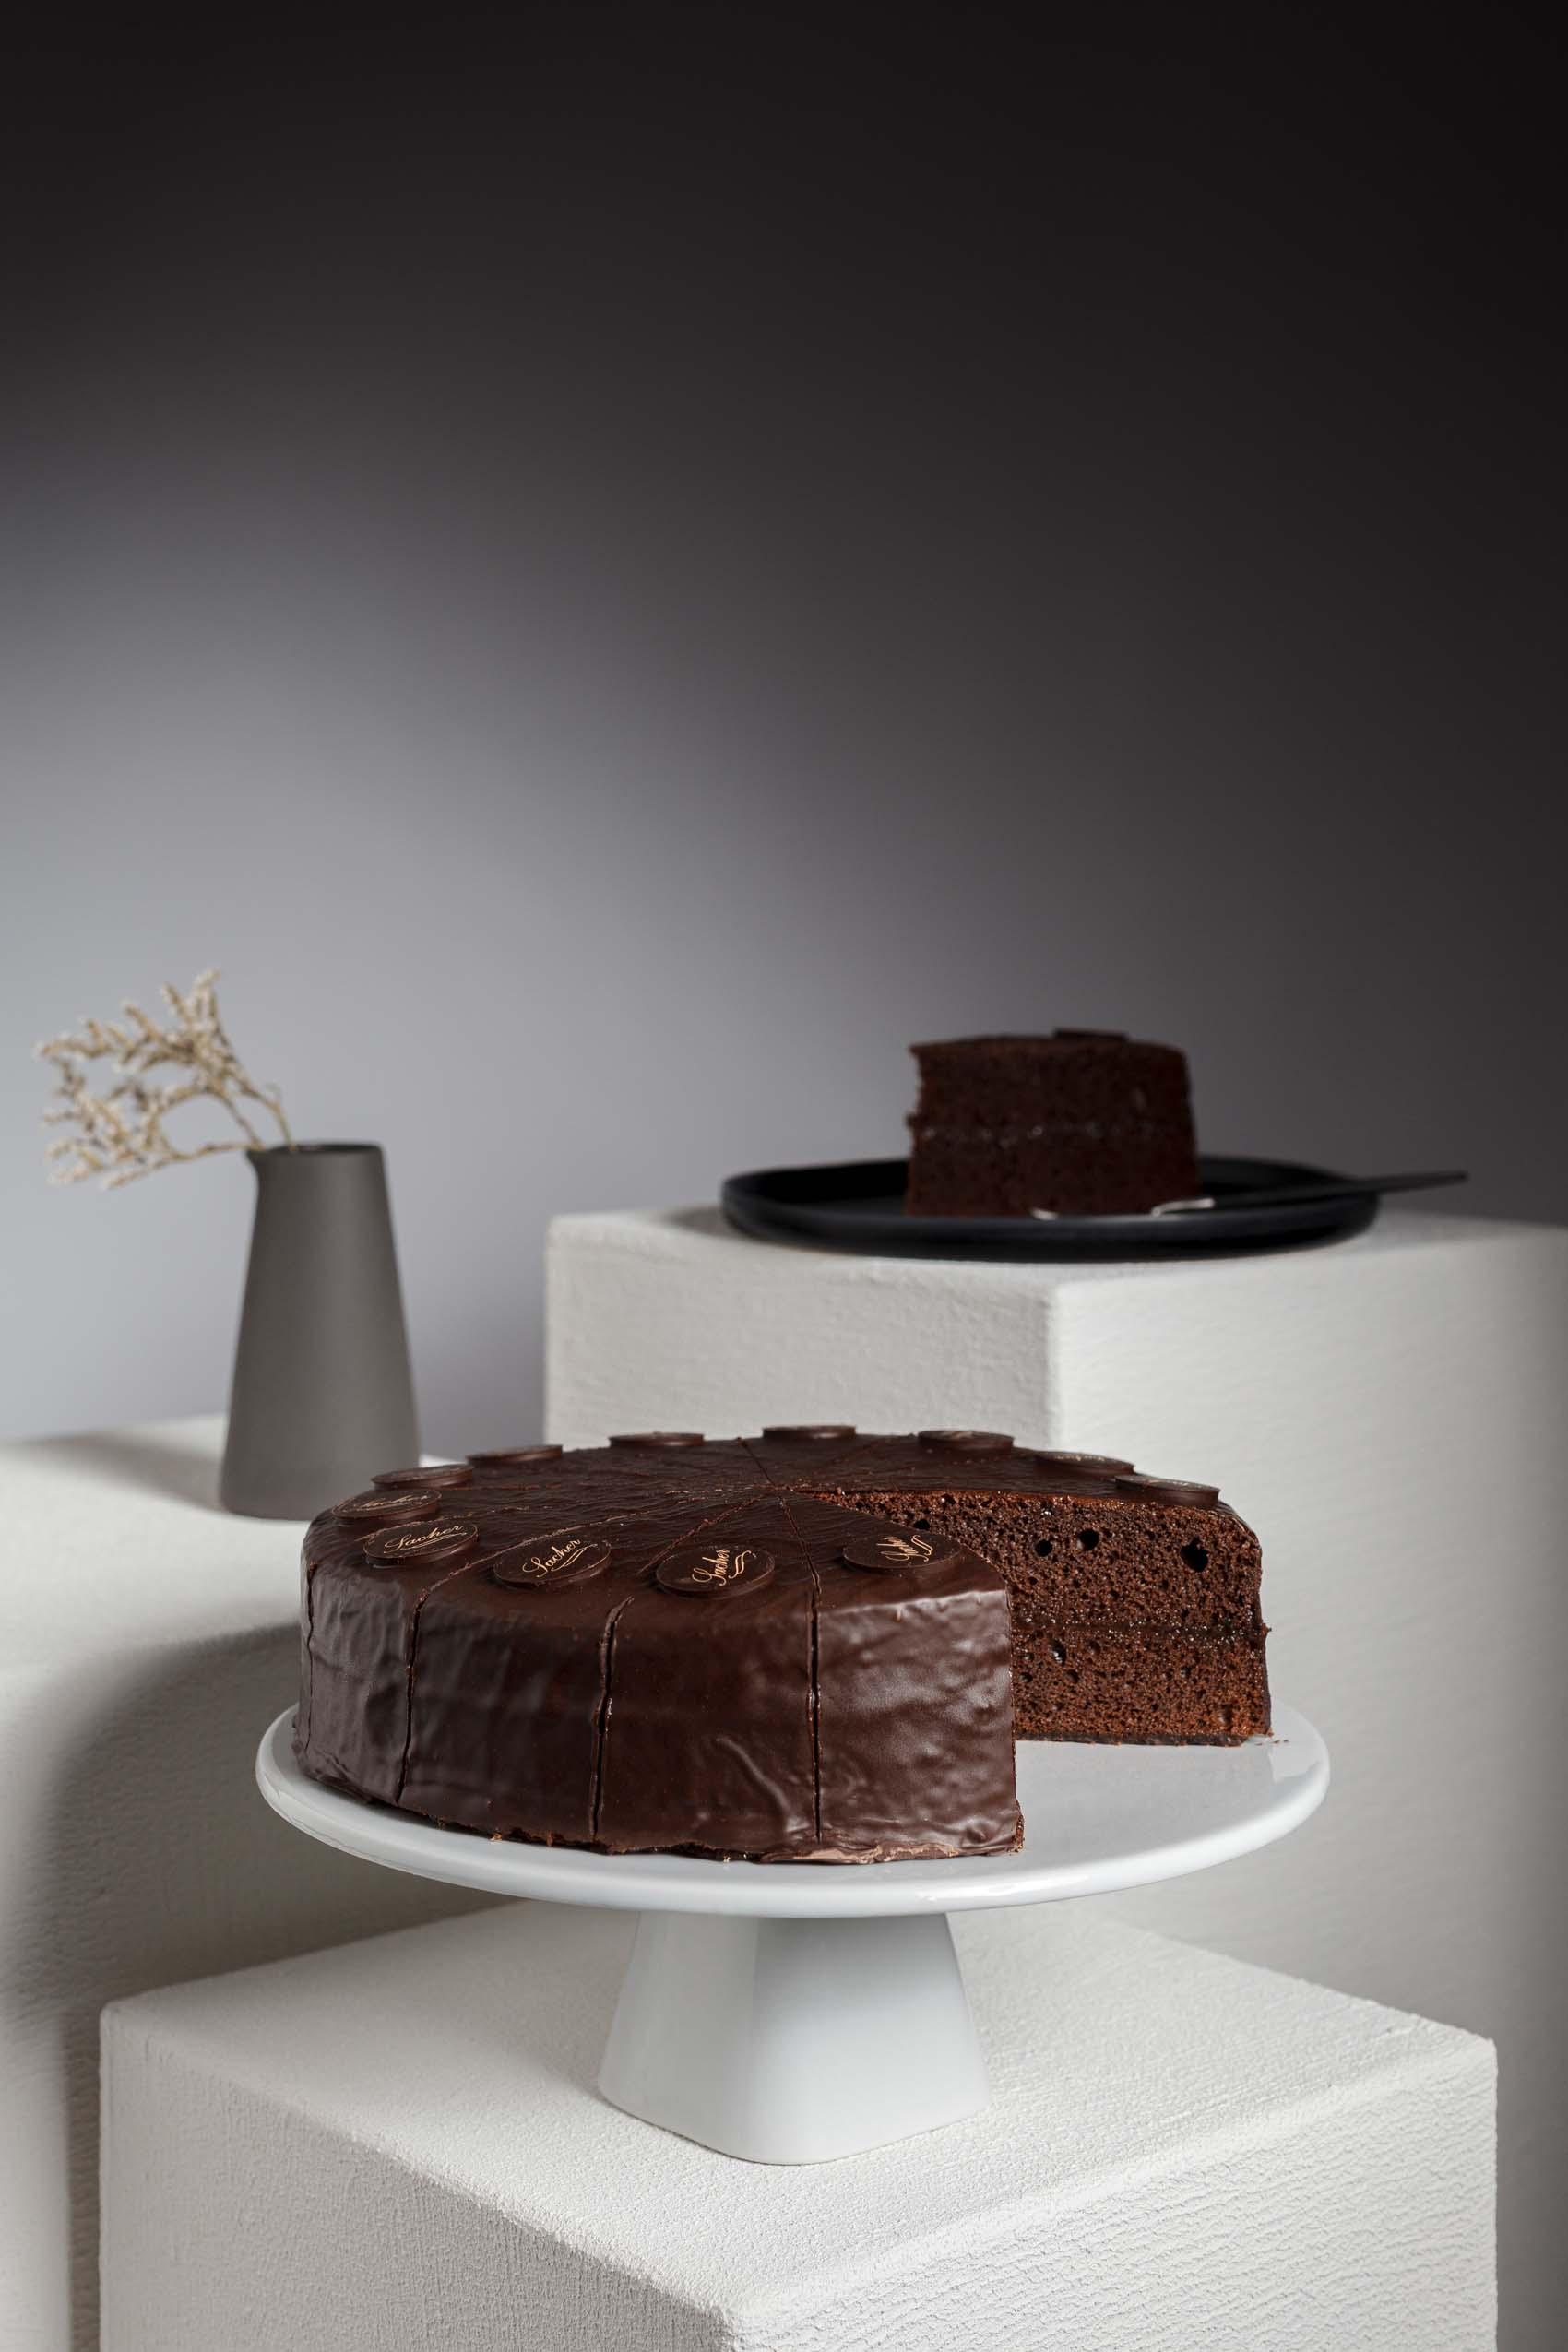 Produktfotos von Torten für den Produktkatalog der Tiefkühlkonditorei Brommler